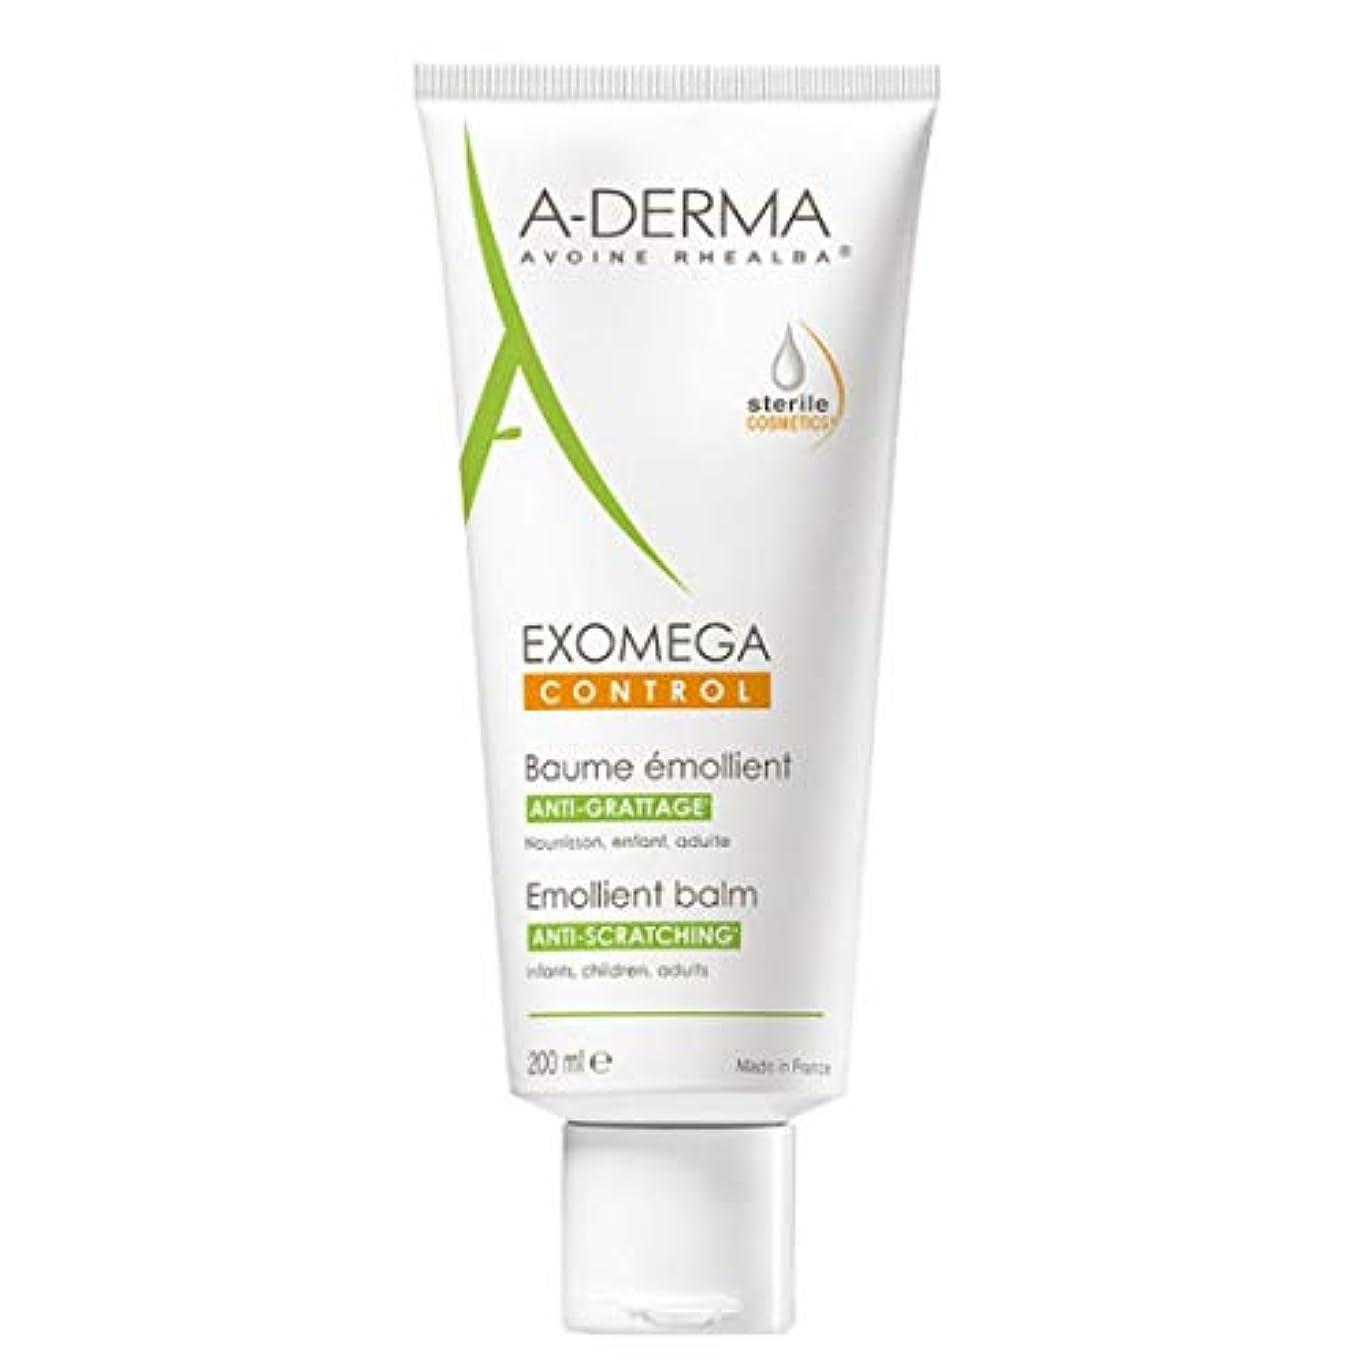 連続したくすぐったい六月A-derma Exomega Control Emollient Balm 200ml [並行輸入品]